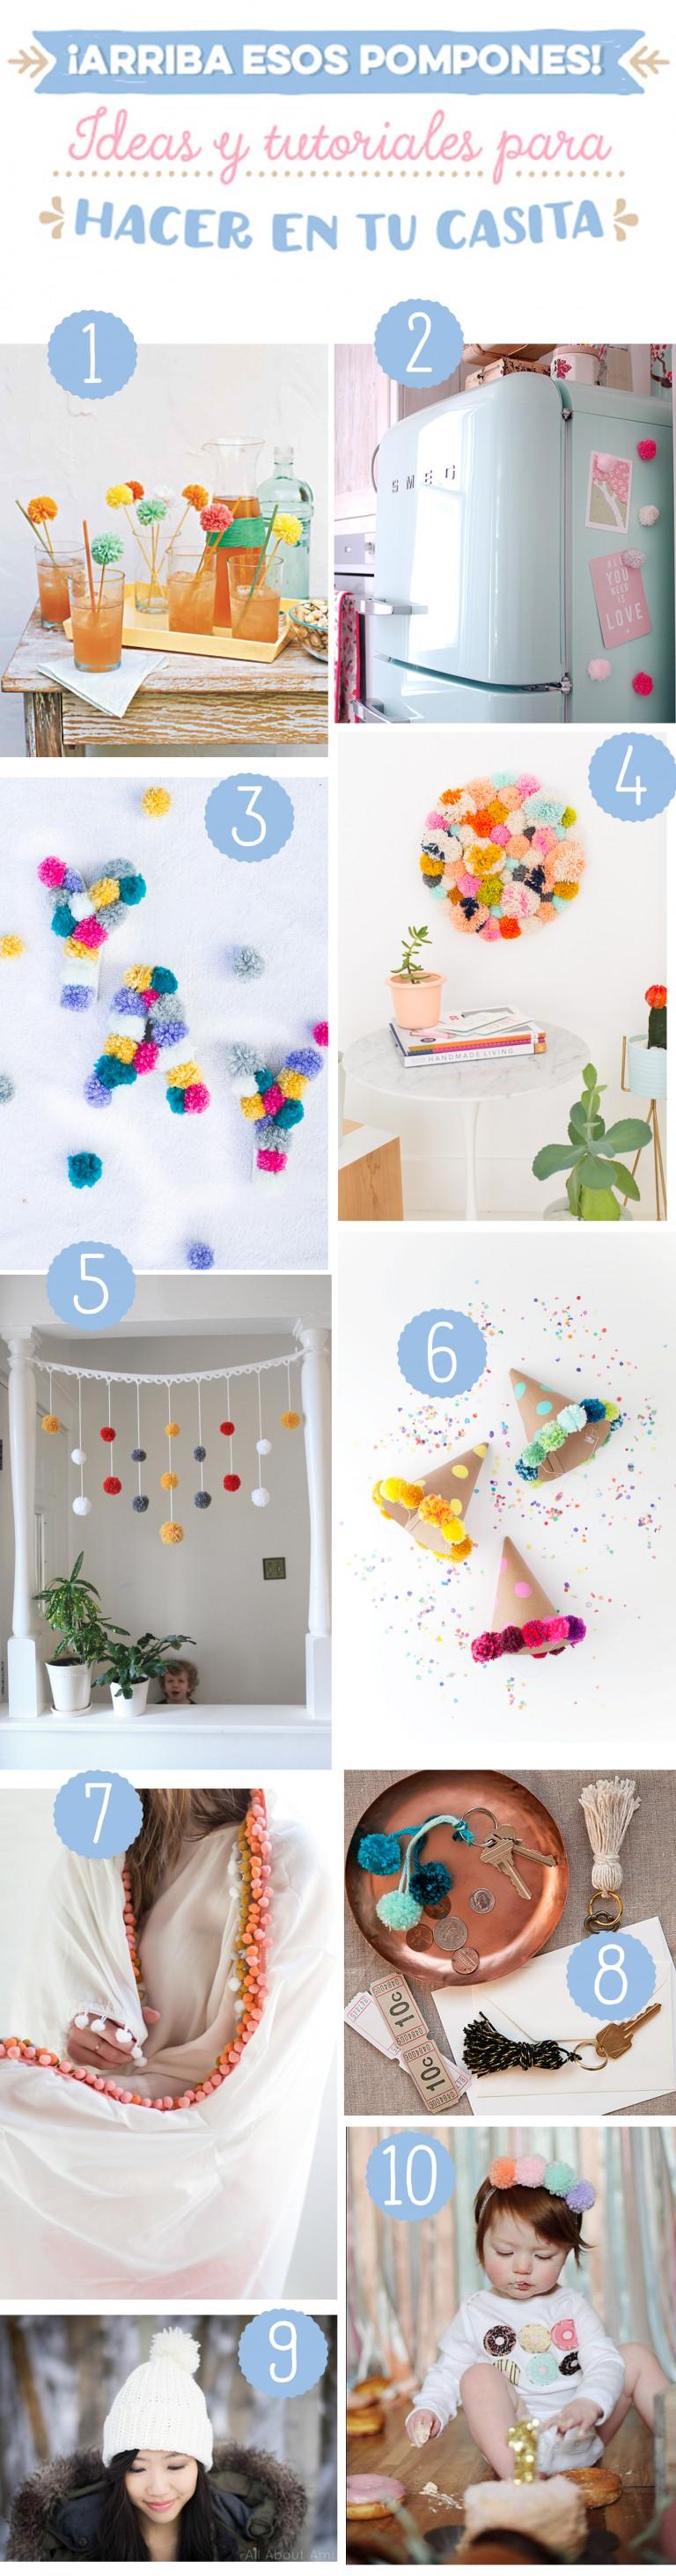 ¡Arriba esos pompones! 10 DIY para hacer en casa